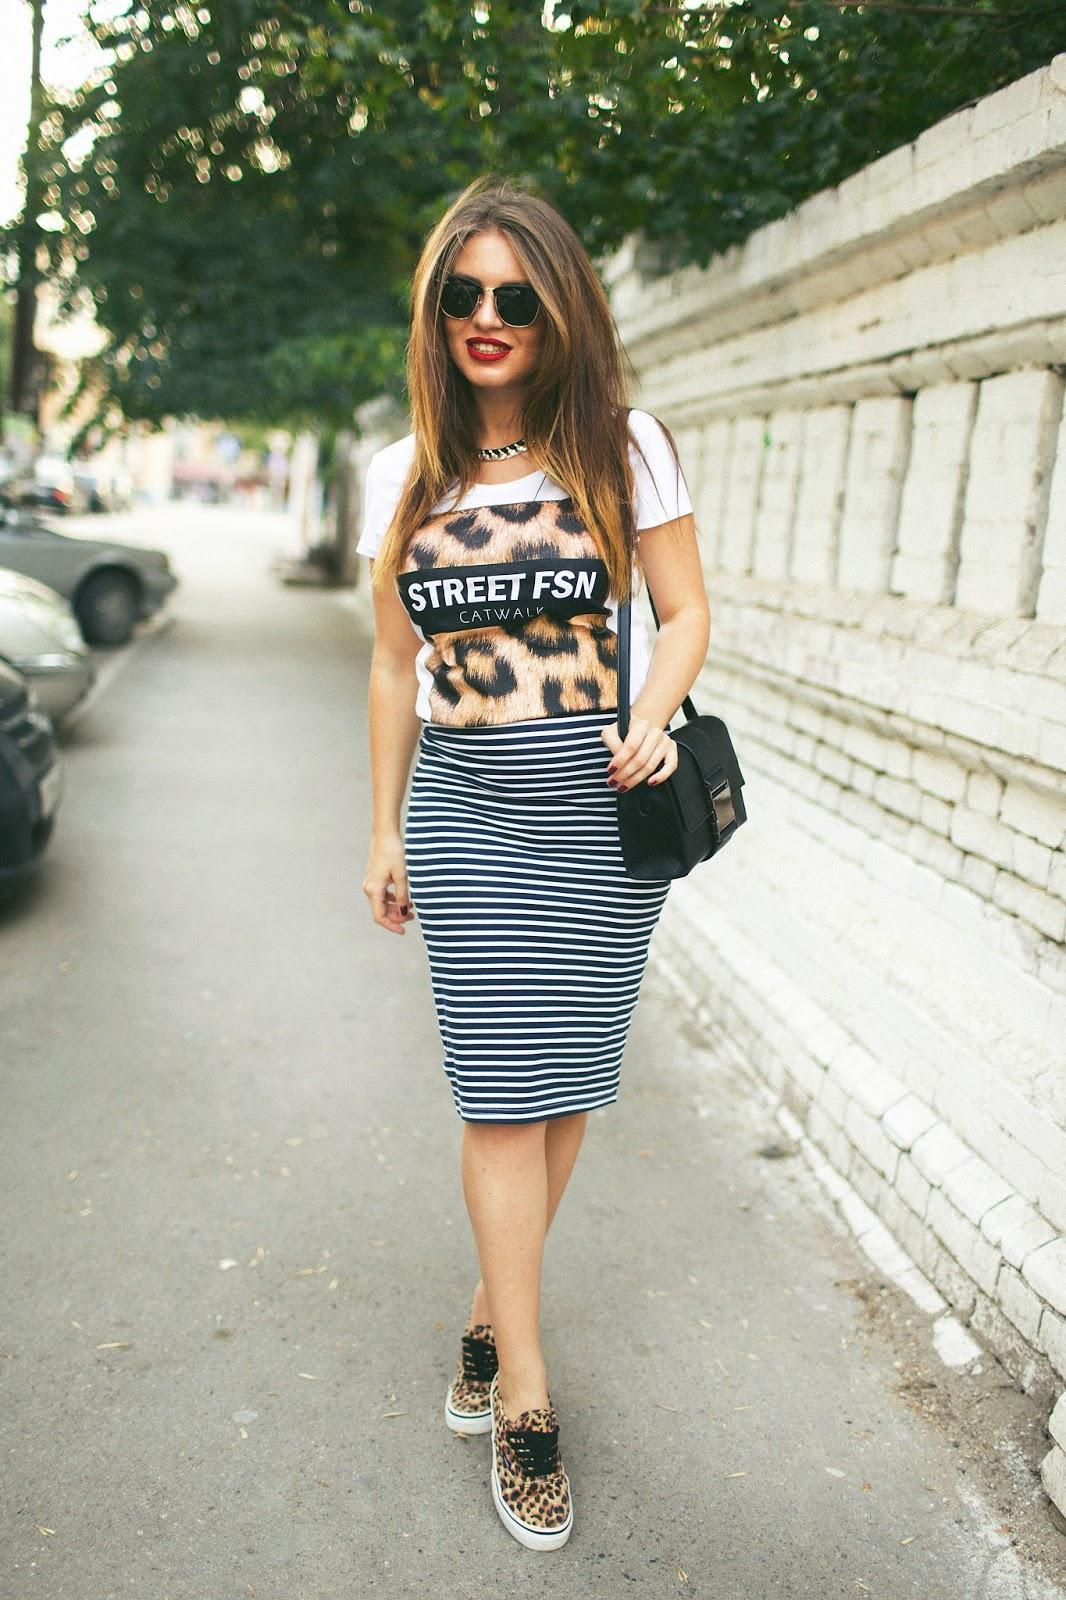 Полосатая юбка с кедами